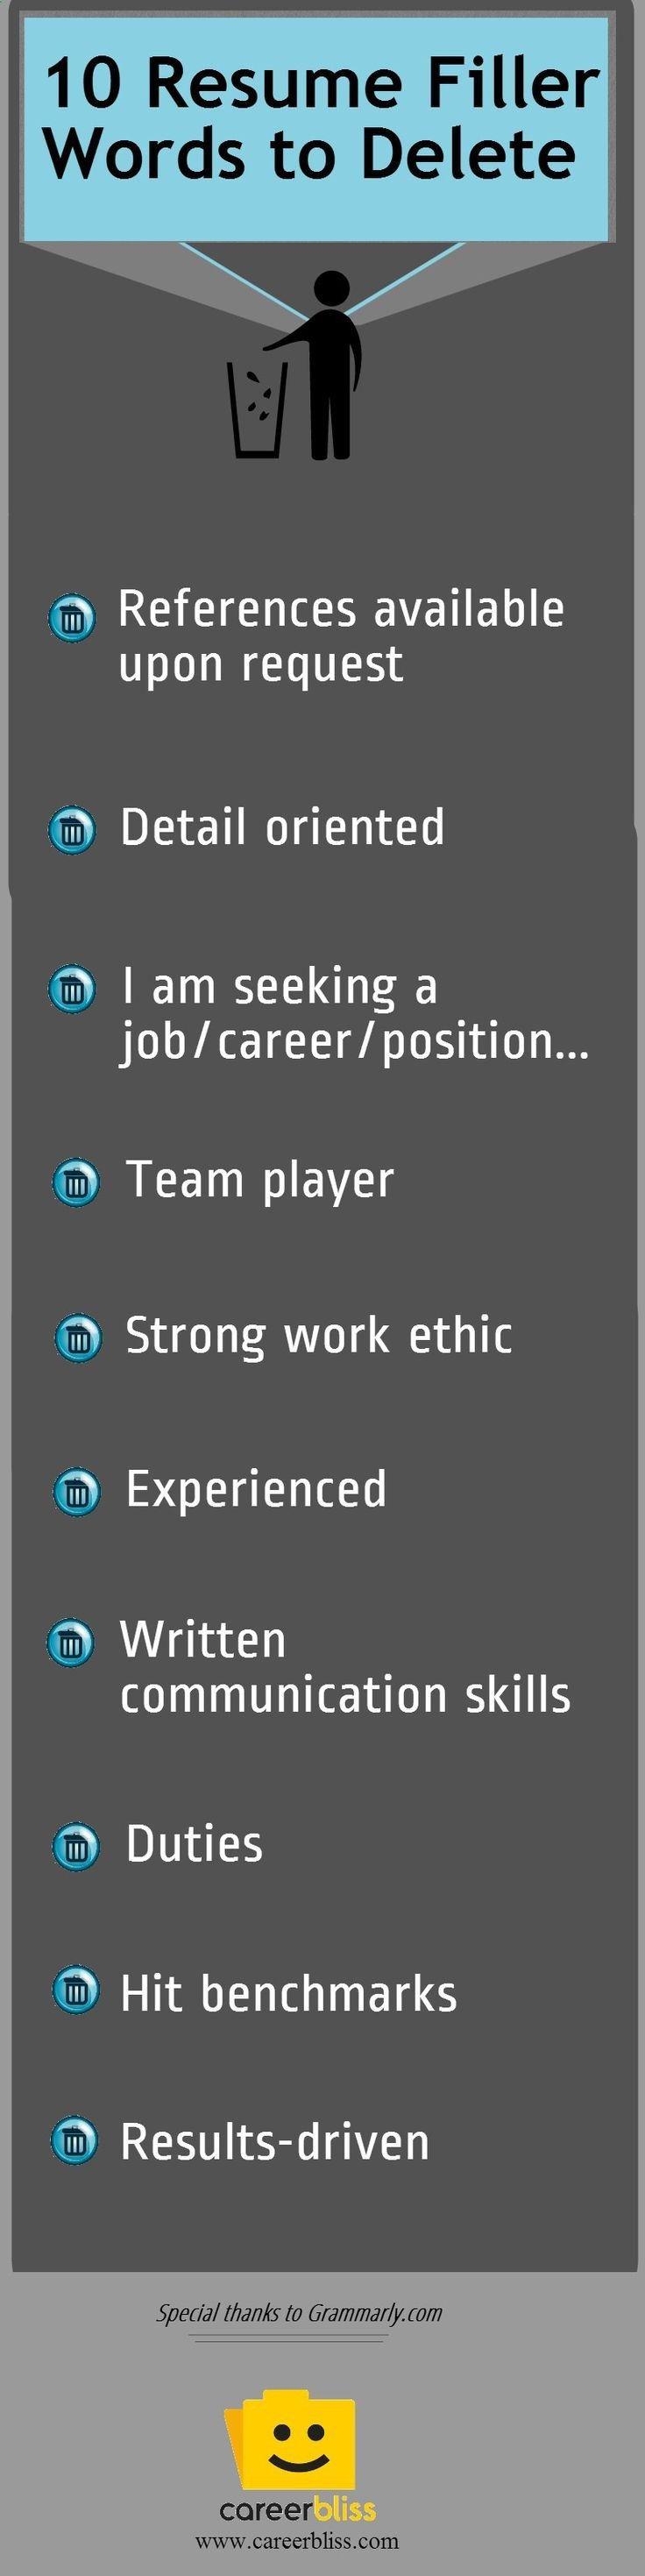 Resume Tips: Toss these Resume Filler Words | Tates | Pinterest ...